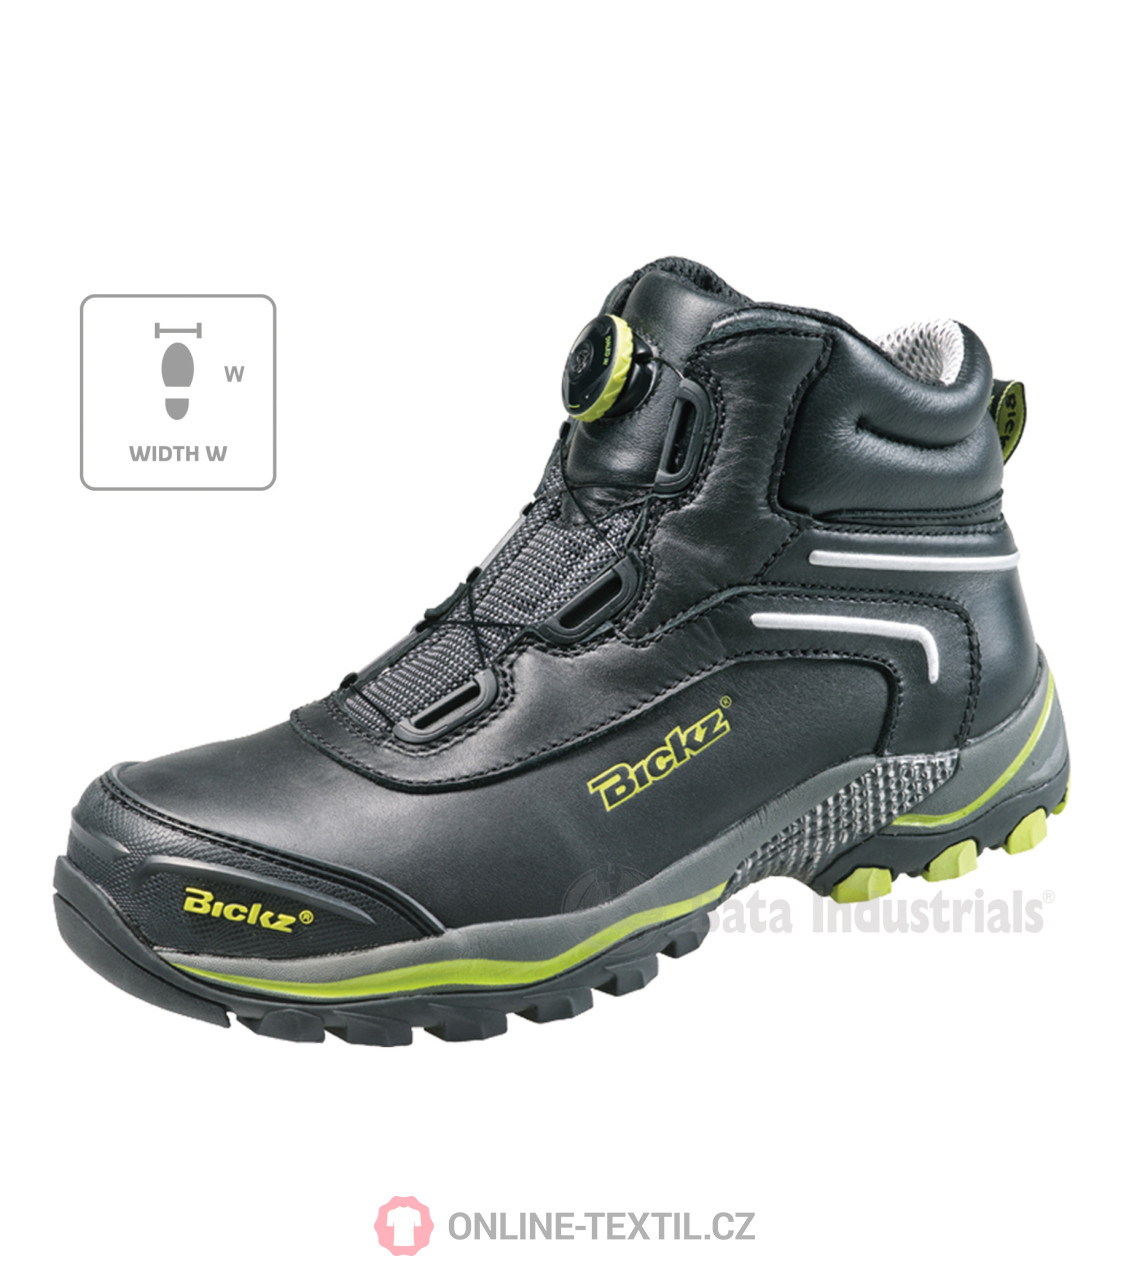 f45804744b99 Bata Industrials Bezpečnostná obuv S3 Bickz 305 W Bata Industrials ...